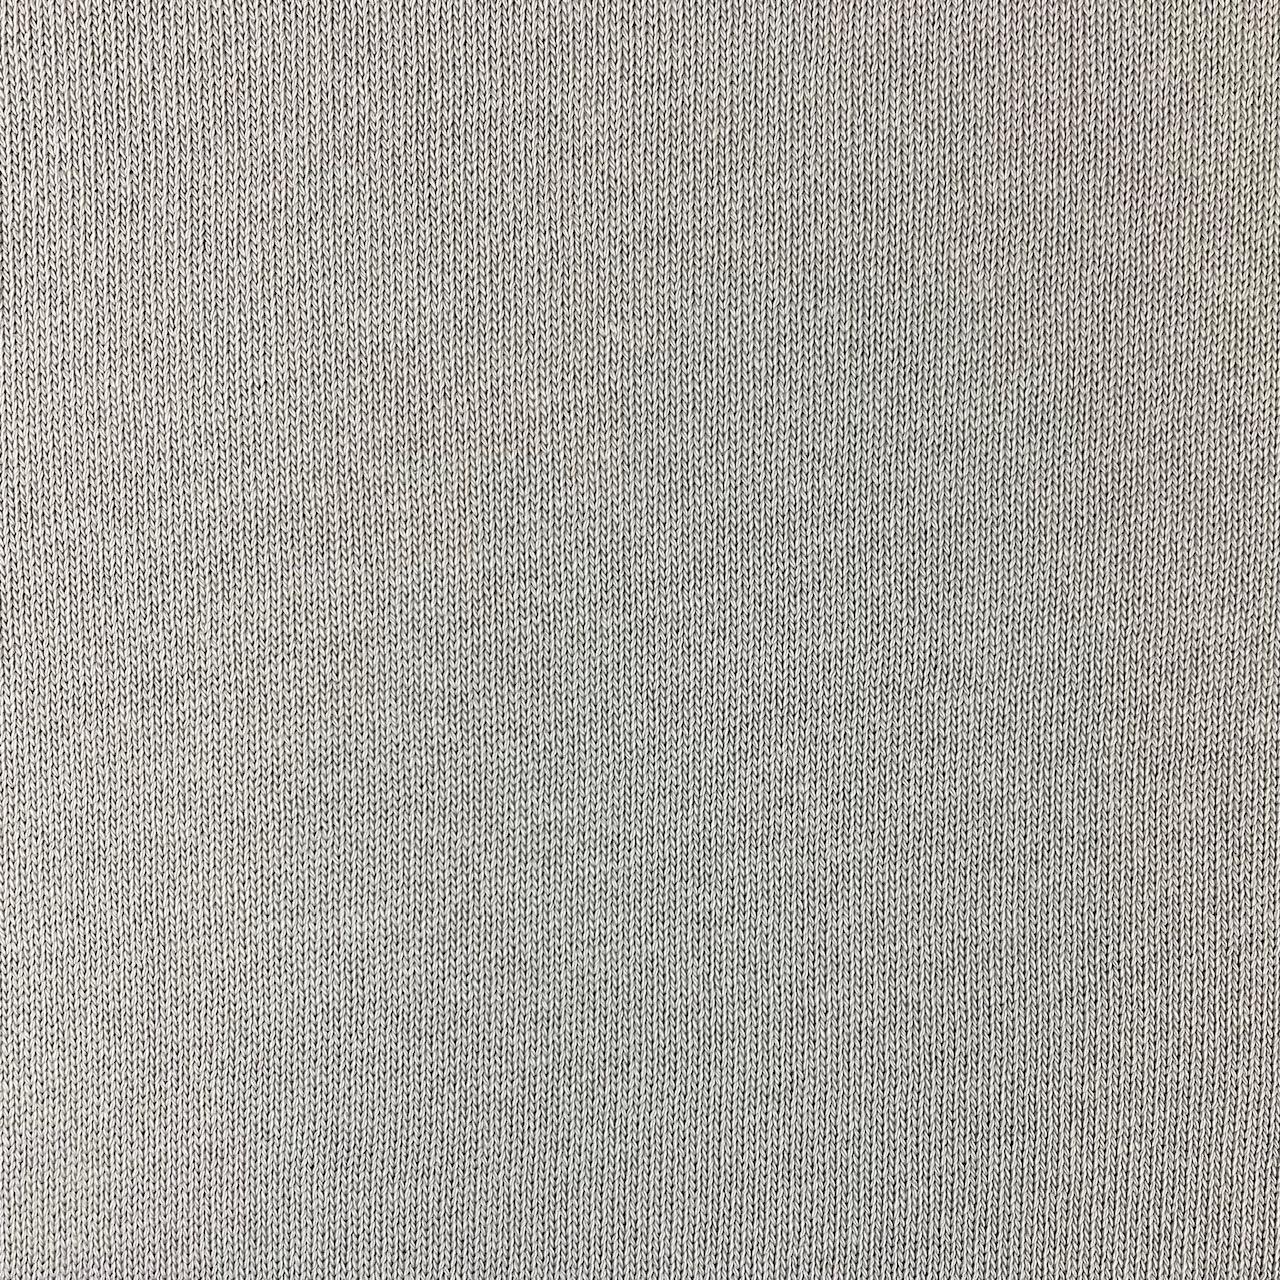 Feiner Strickstoff, Baumwolle silbergrau. Art. 4199-62